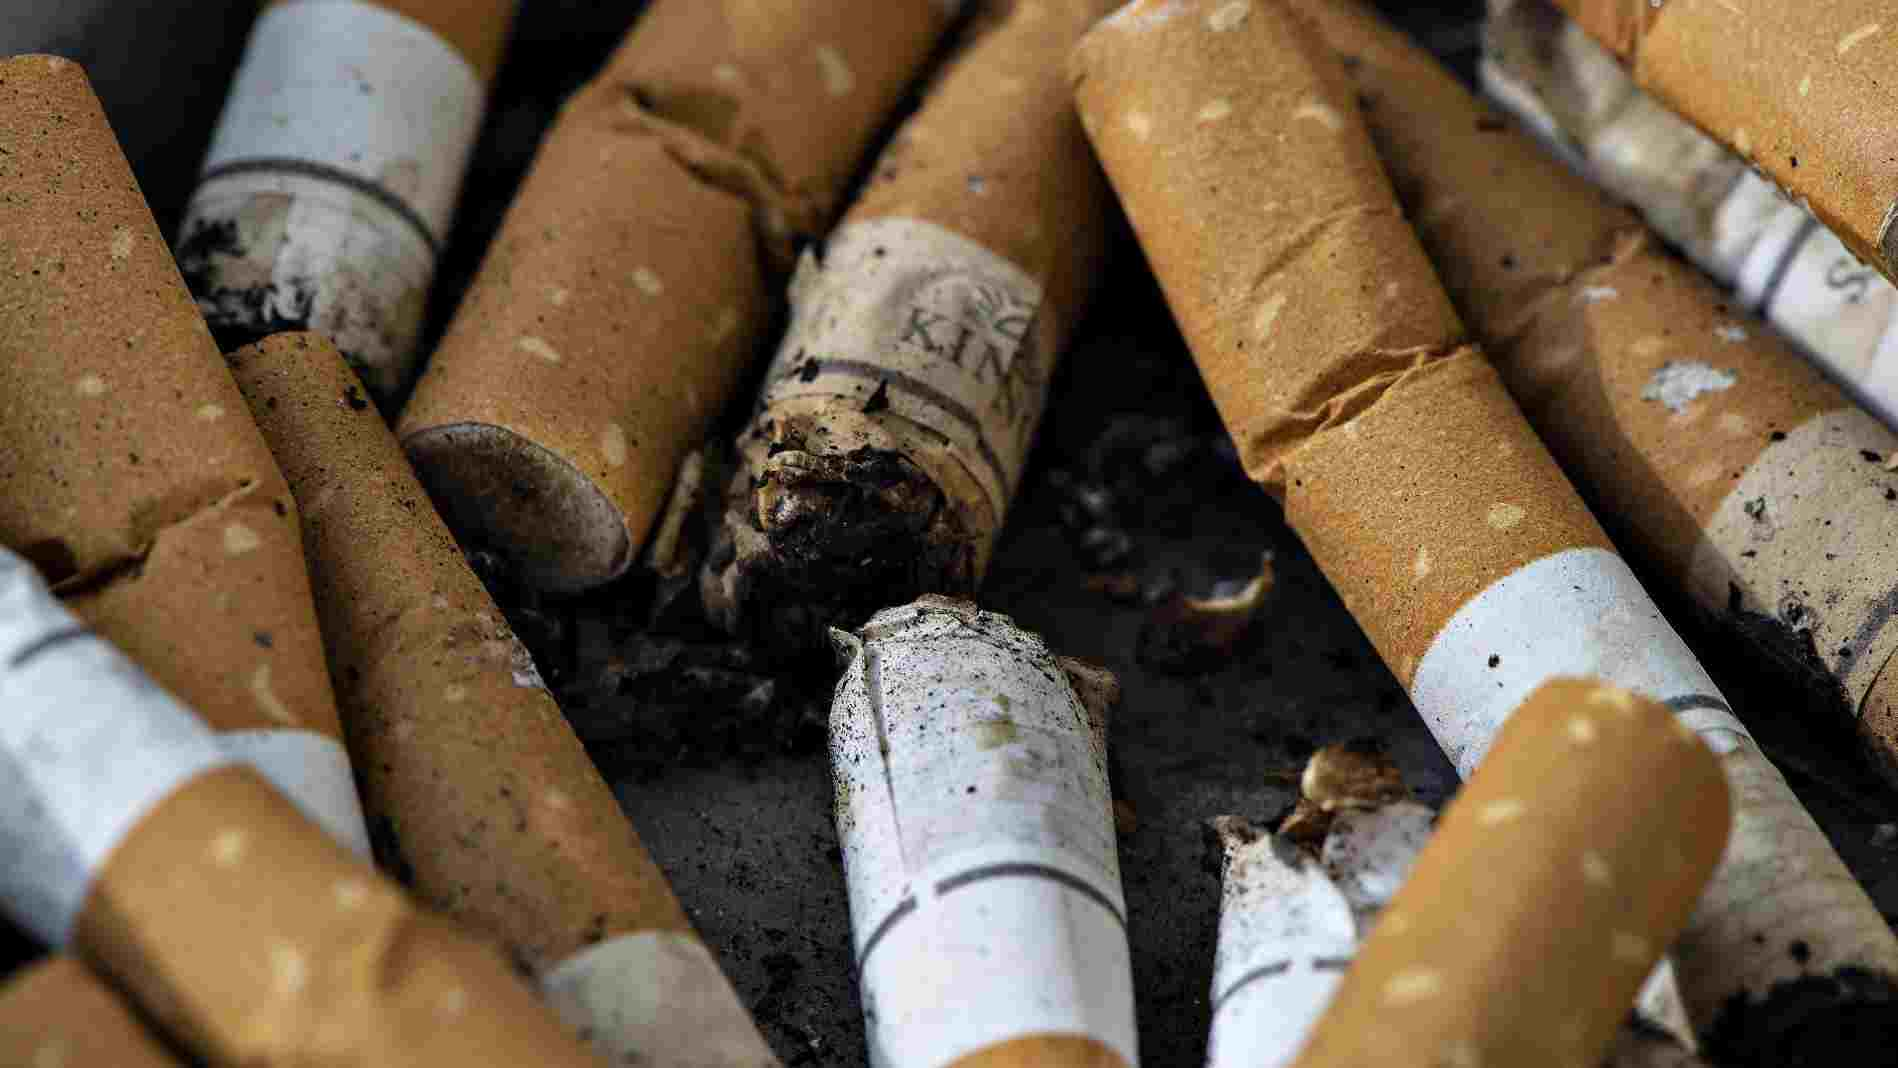 ryge.jpg